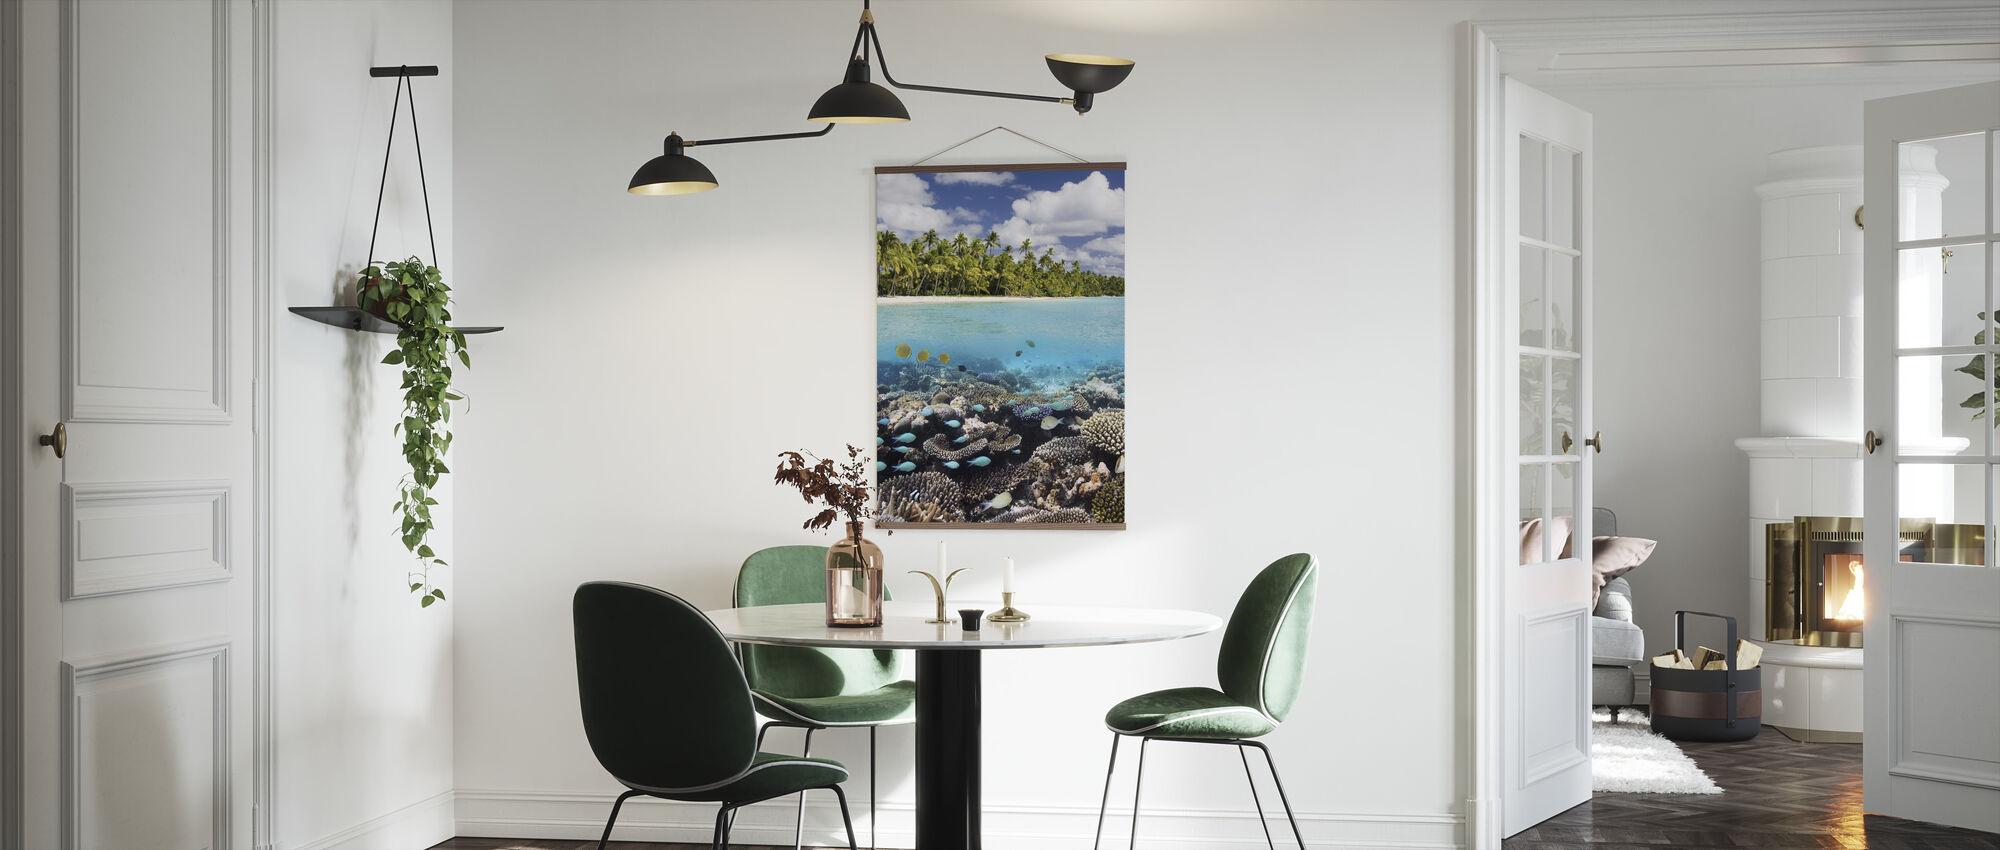 Onder en boven water - Poster - Keuken